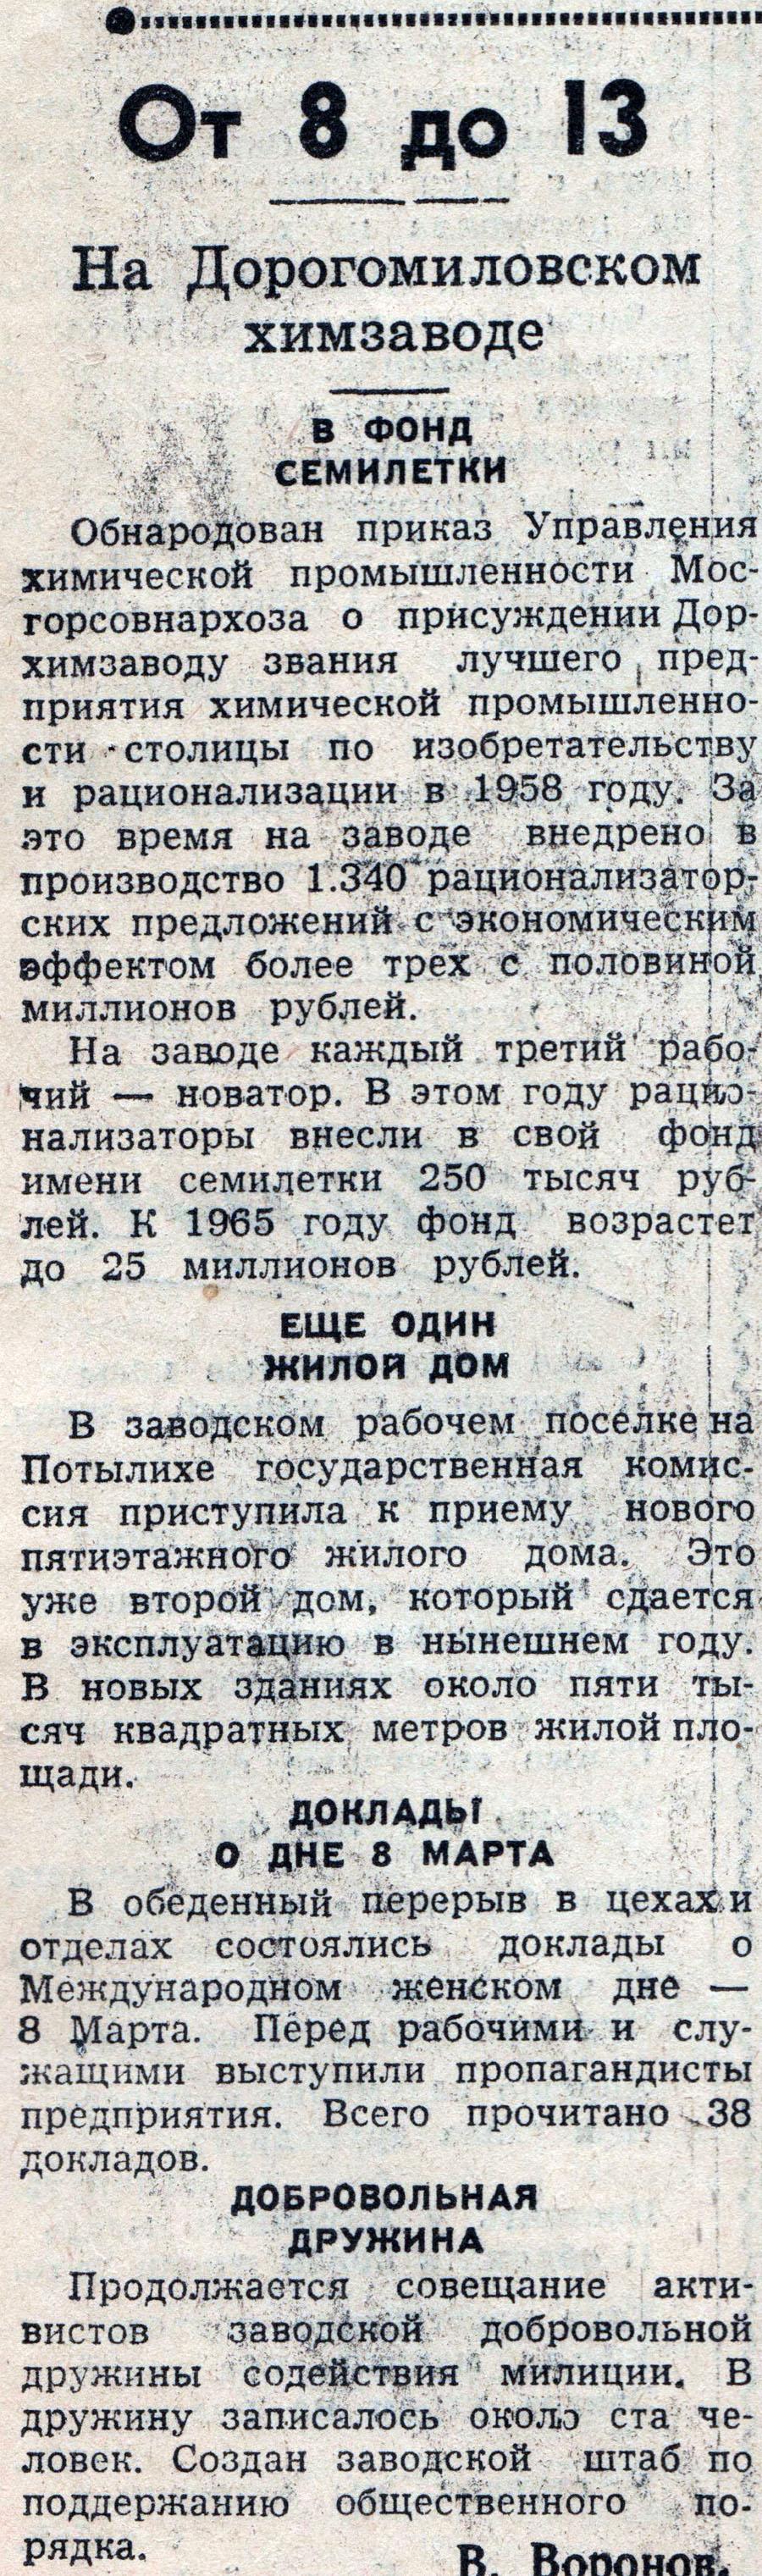 itwaslong.com_vmoskva59_8_13.jpg